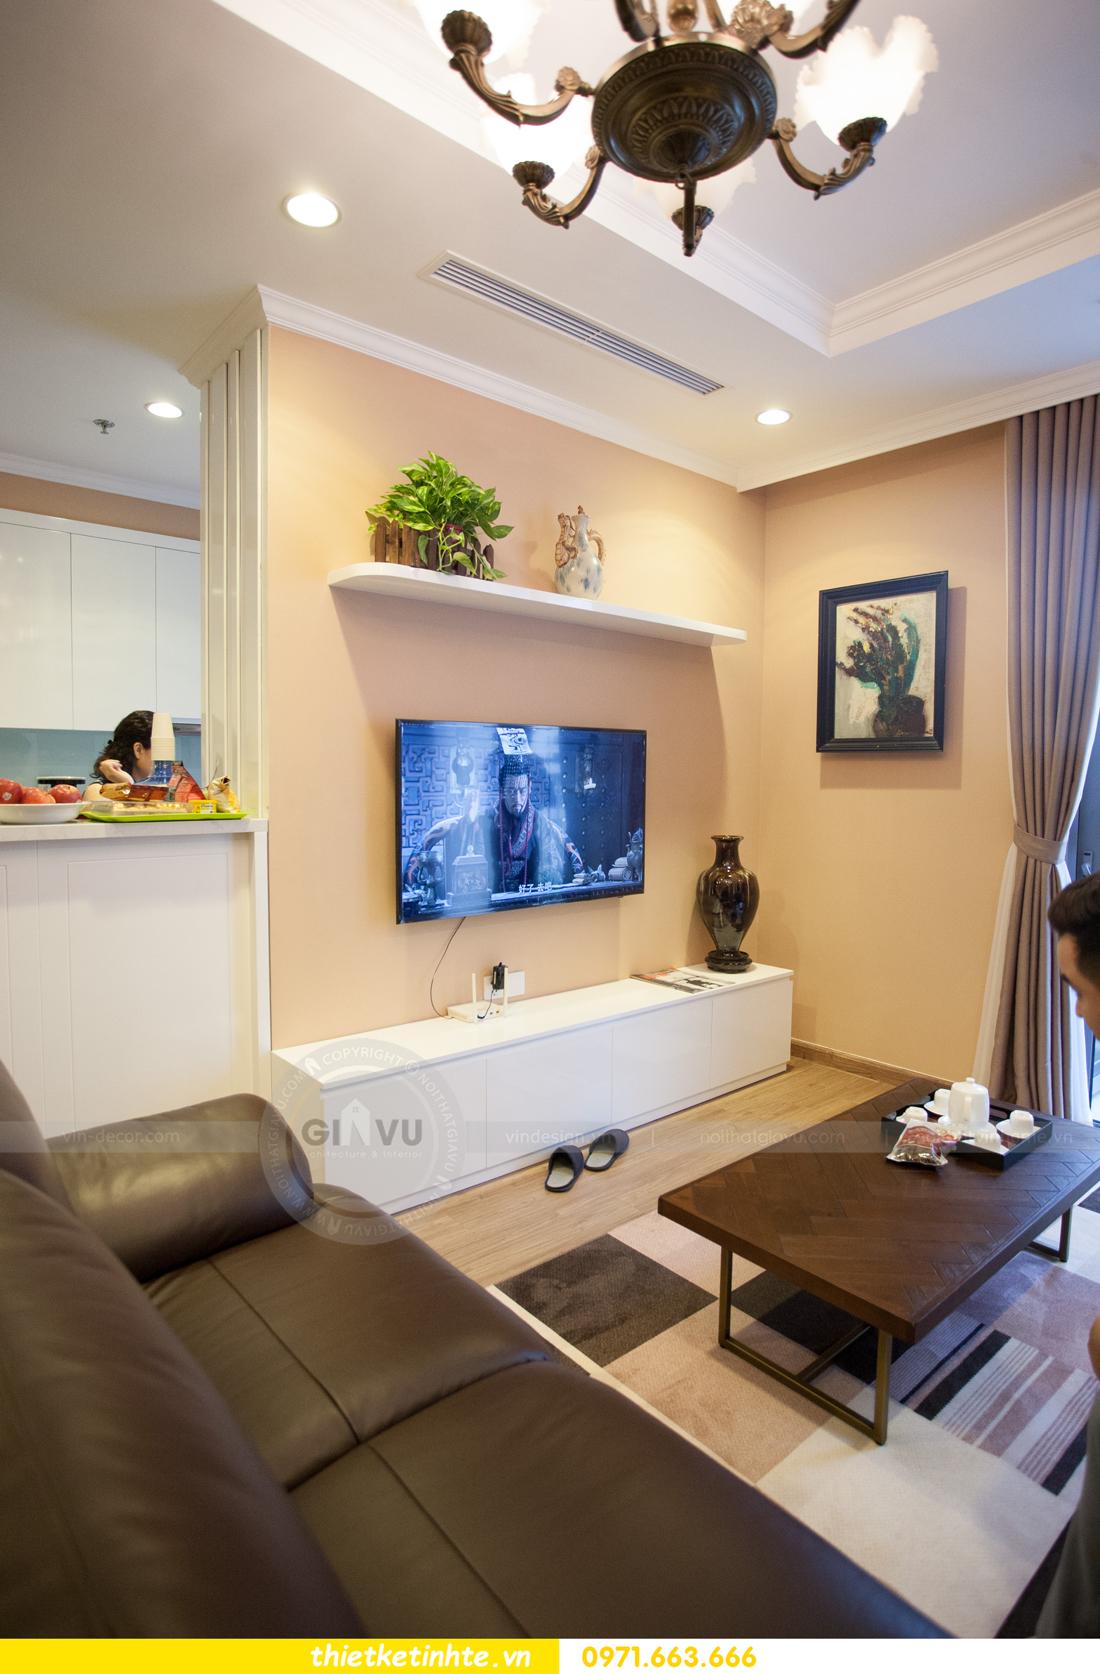 thi công nội thất Park Hill 1 căn 15 nhà nhạc sĩ Nguyễn Cường 07